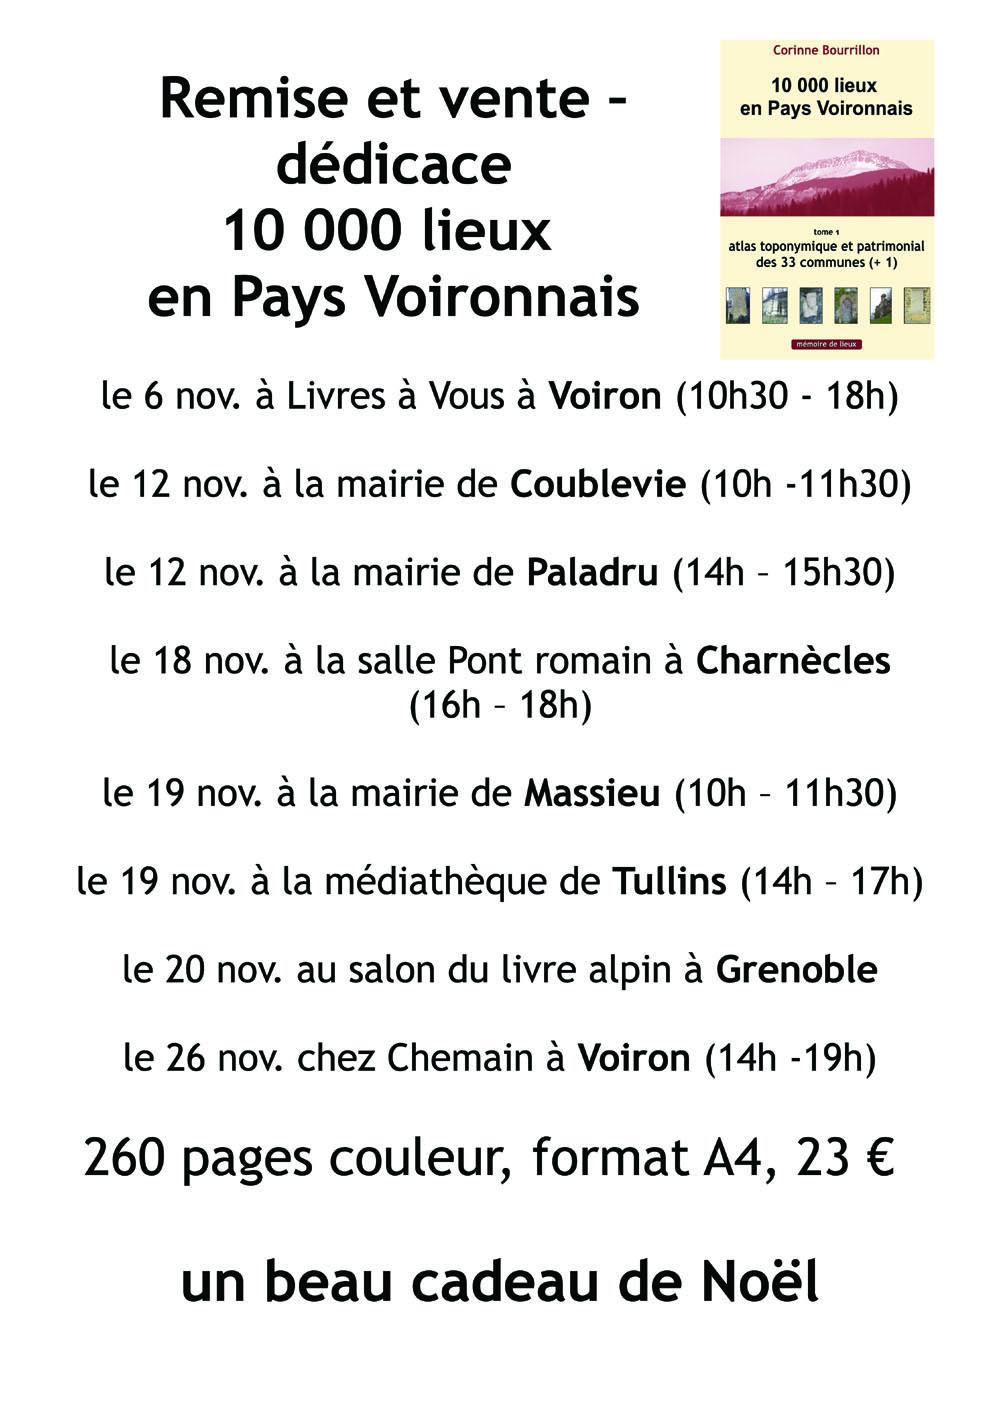 10000 leux